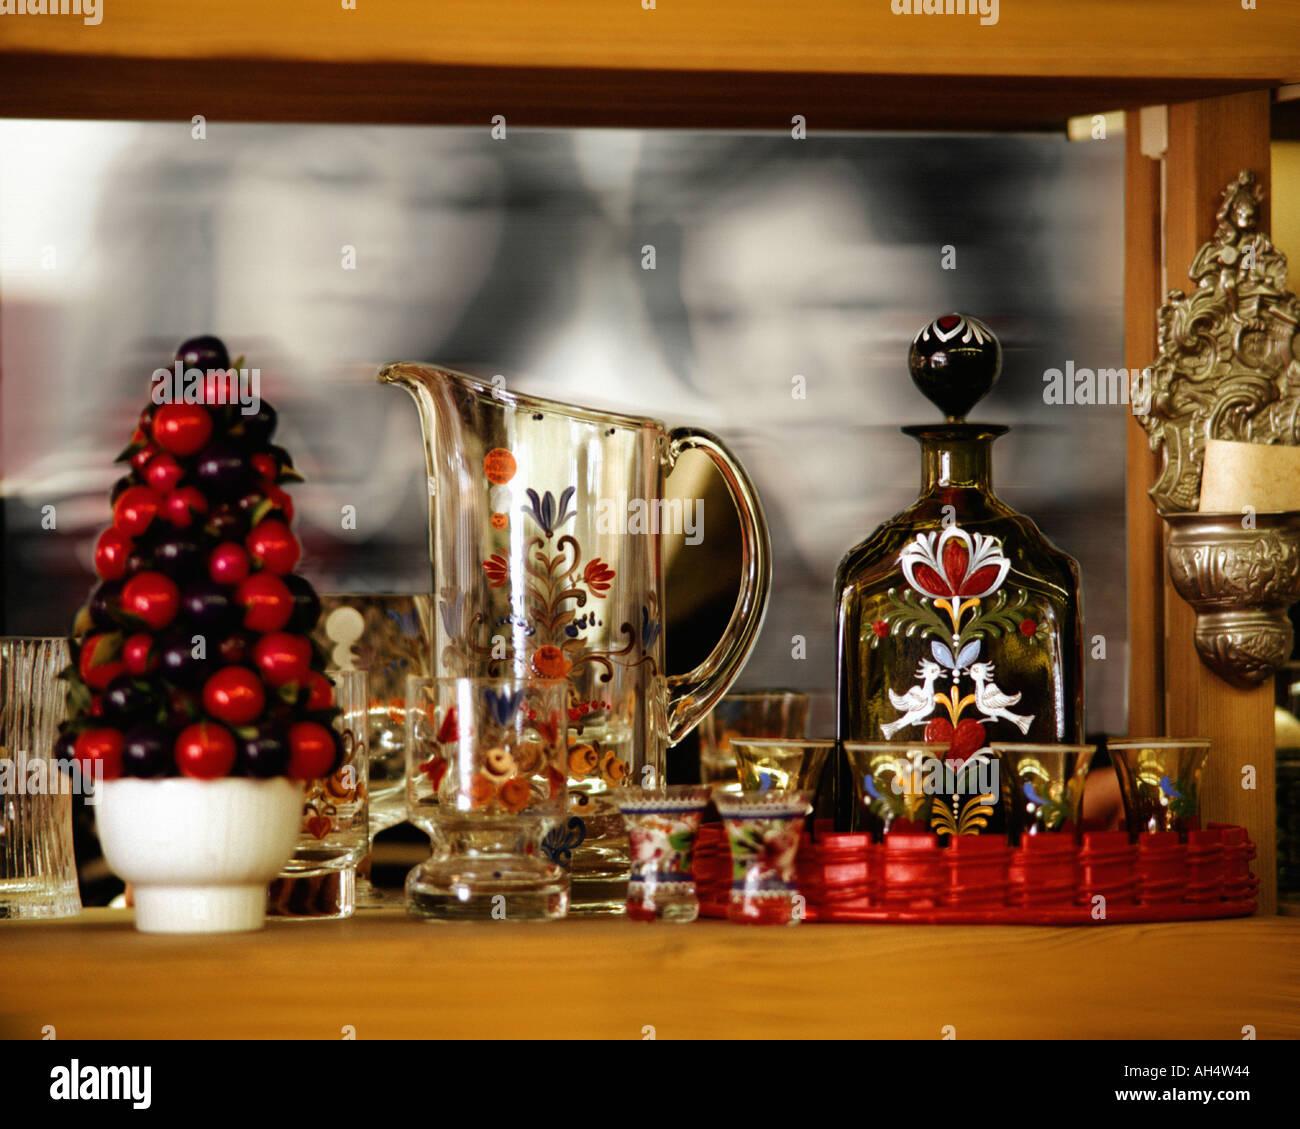 Austrian tradition stockfotos austrian tradition bilder for Traditionelles tiroler haus